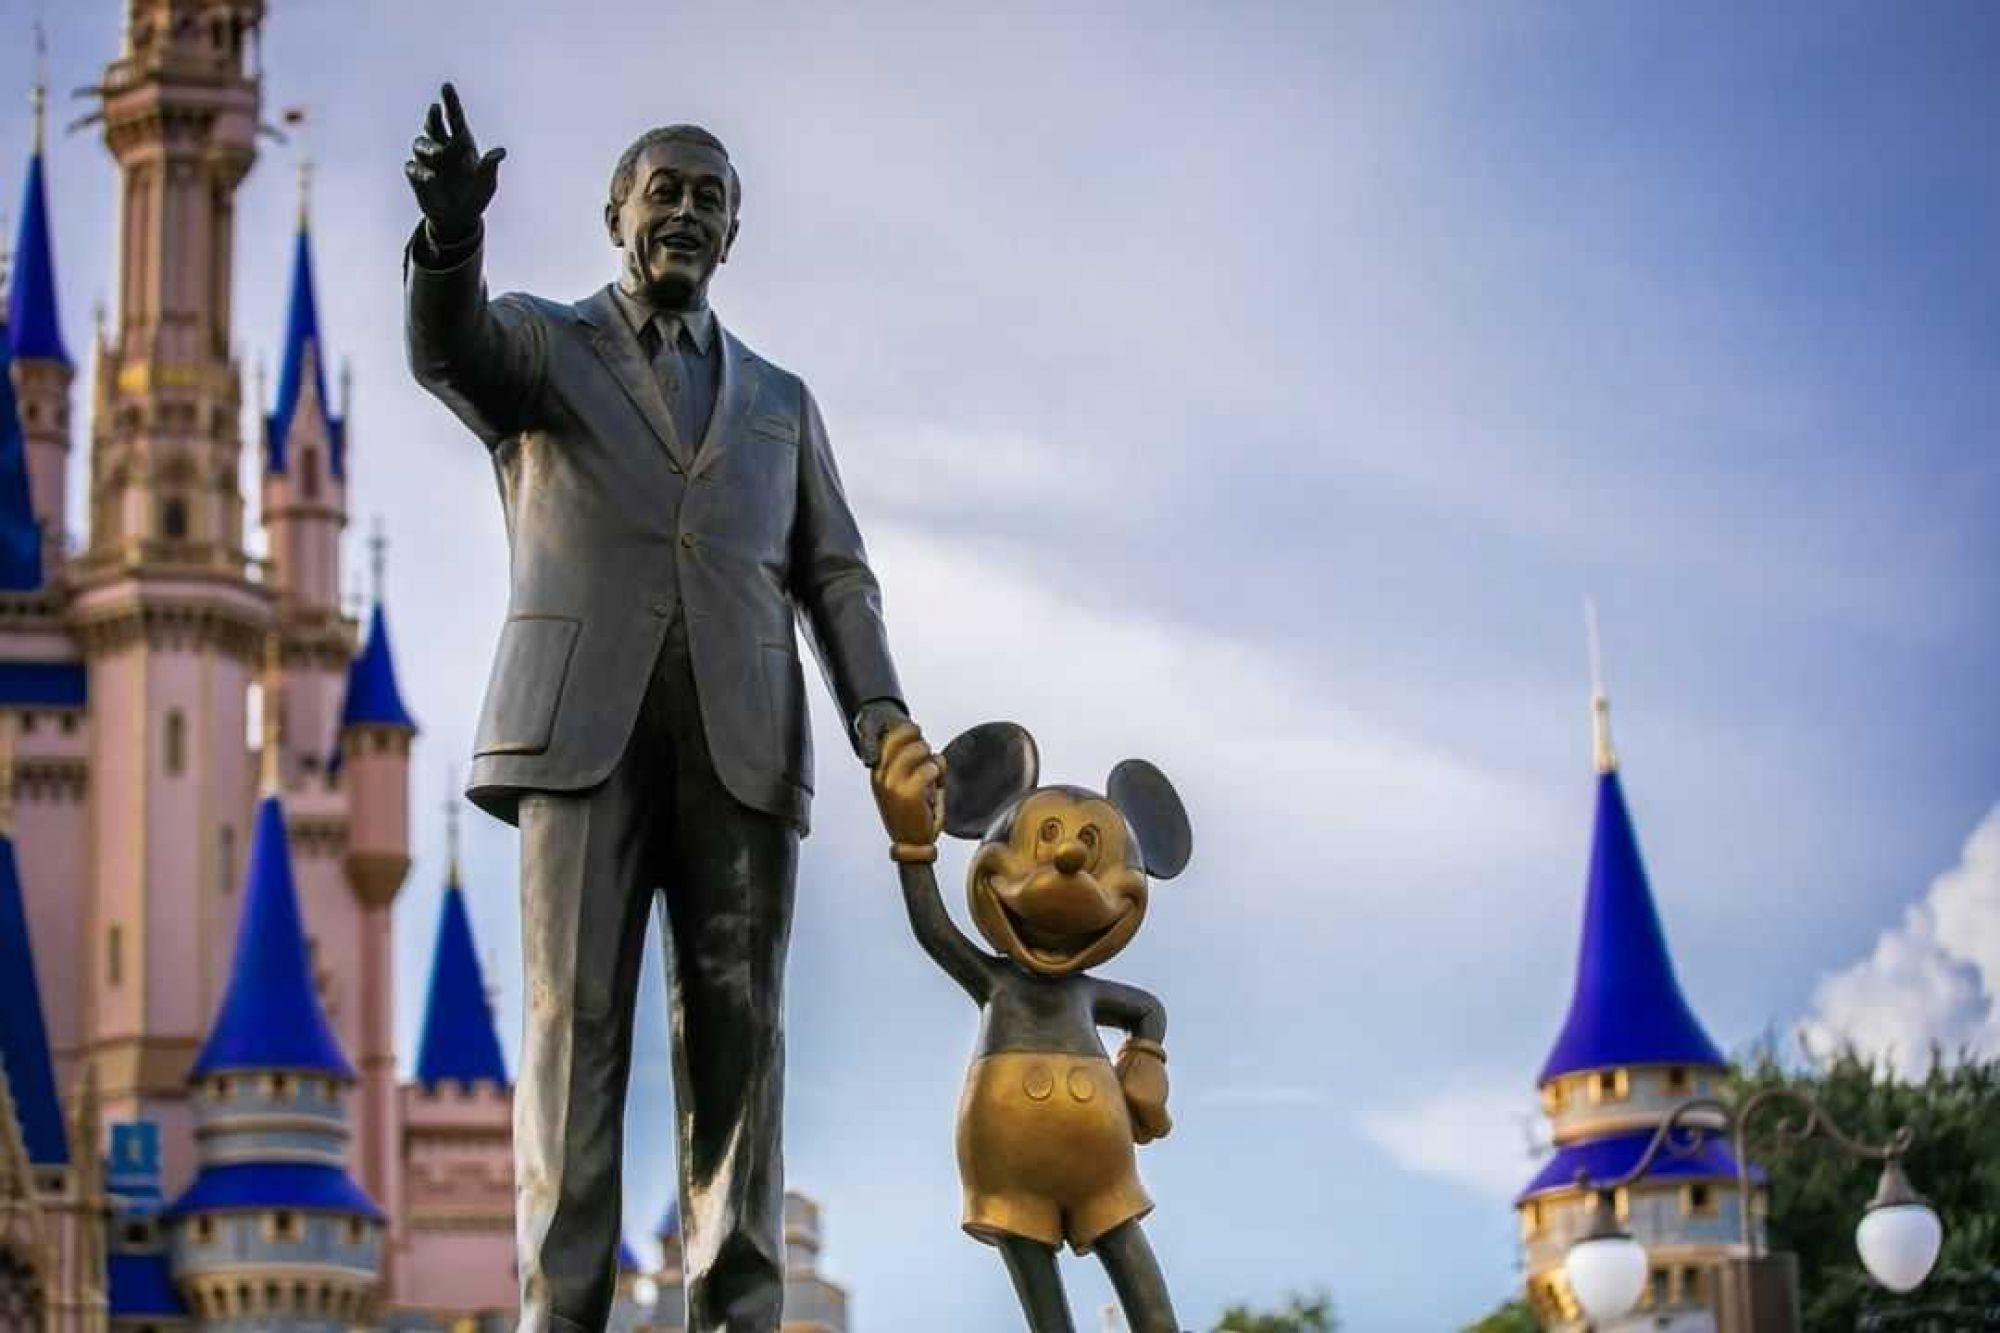 Студия Disney приобрела права на показ киноленты о мире кино